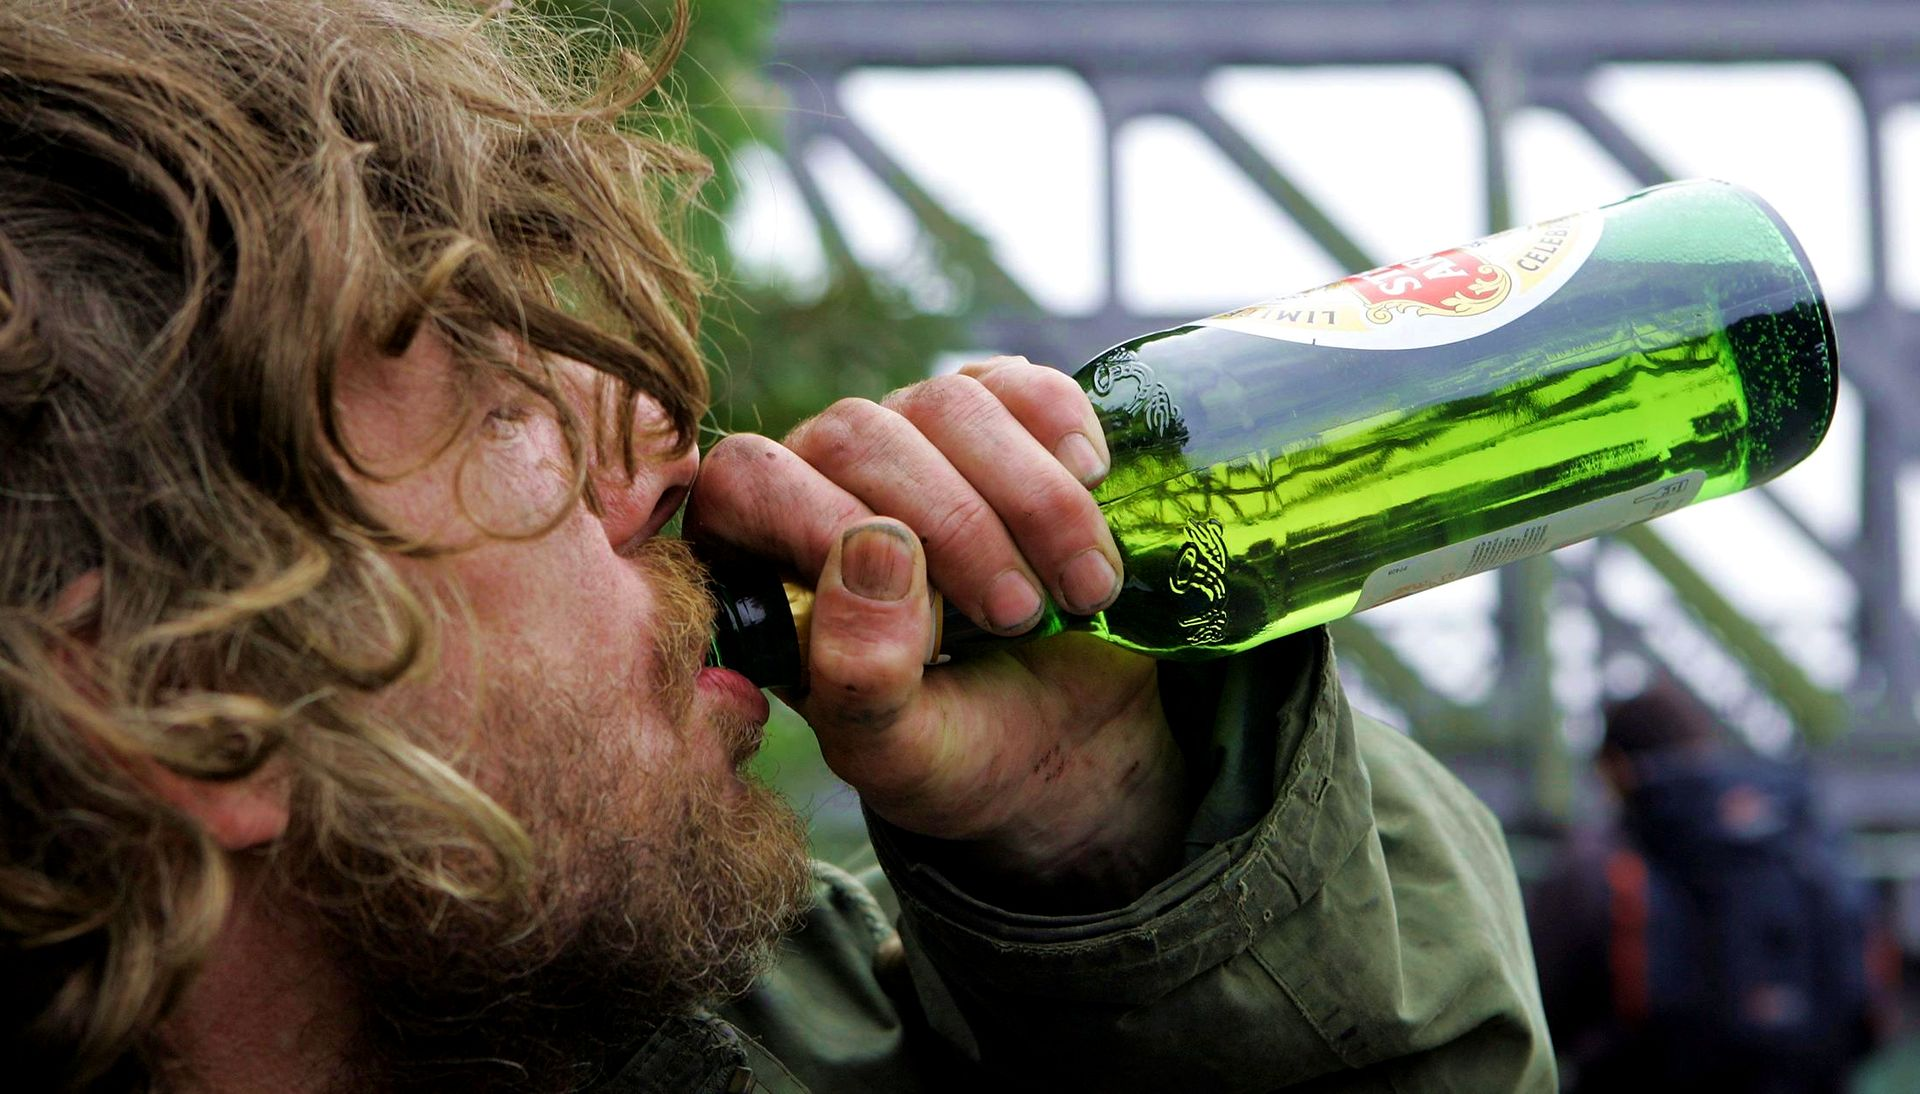 развитием фото картинки алкоголиков специальной лаборатории